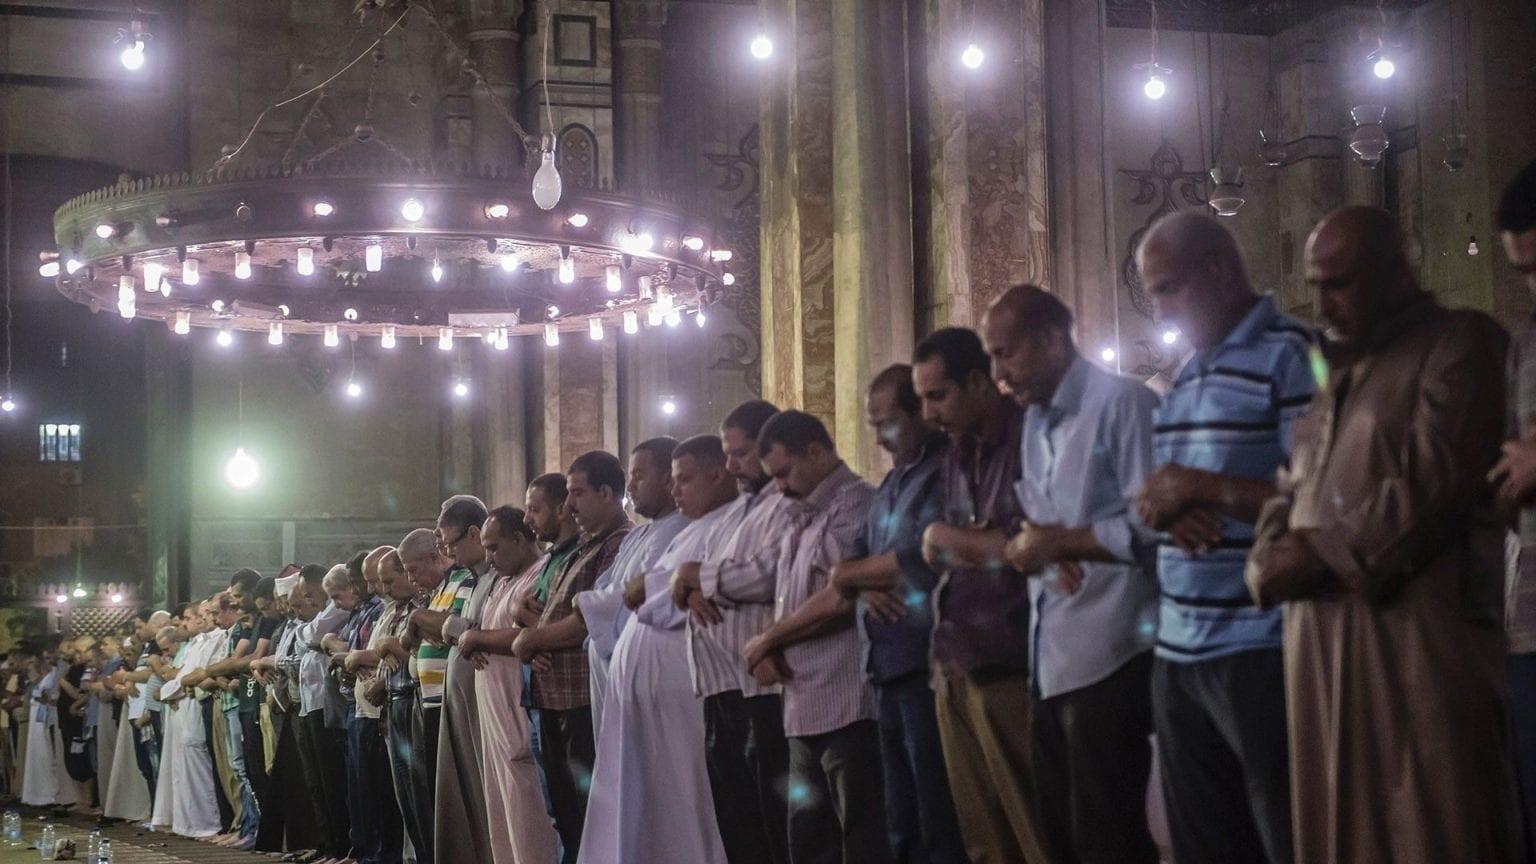 أول تصريحات للأوقاف حول صلاة التراويح بالمساجد في رمضان القادم 2021 2